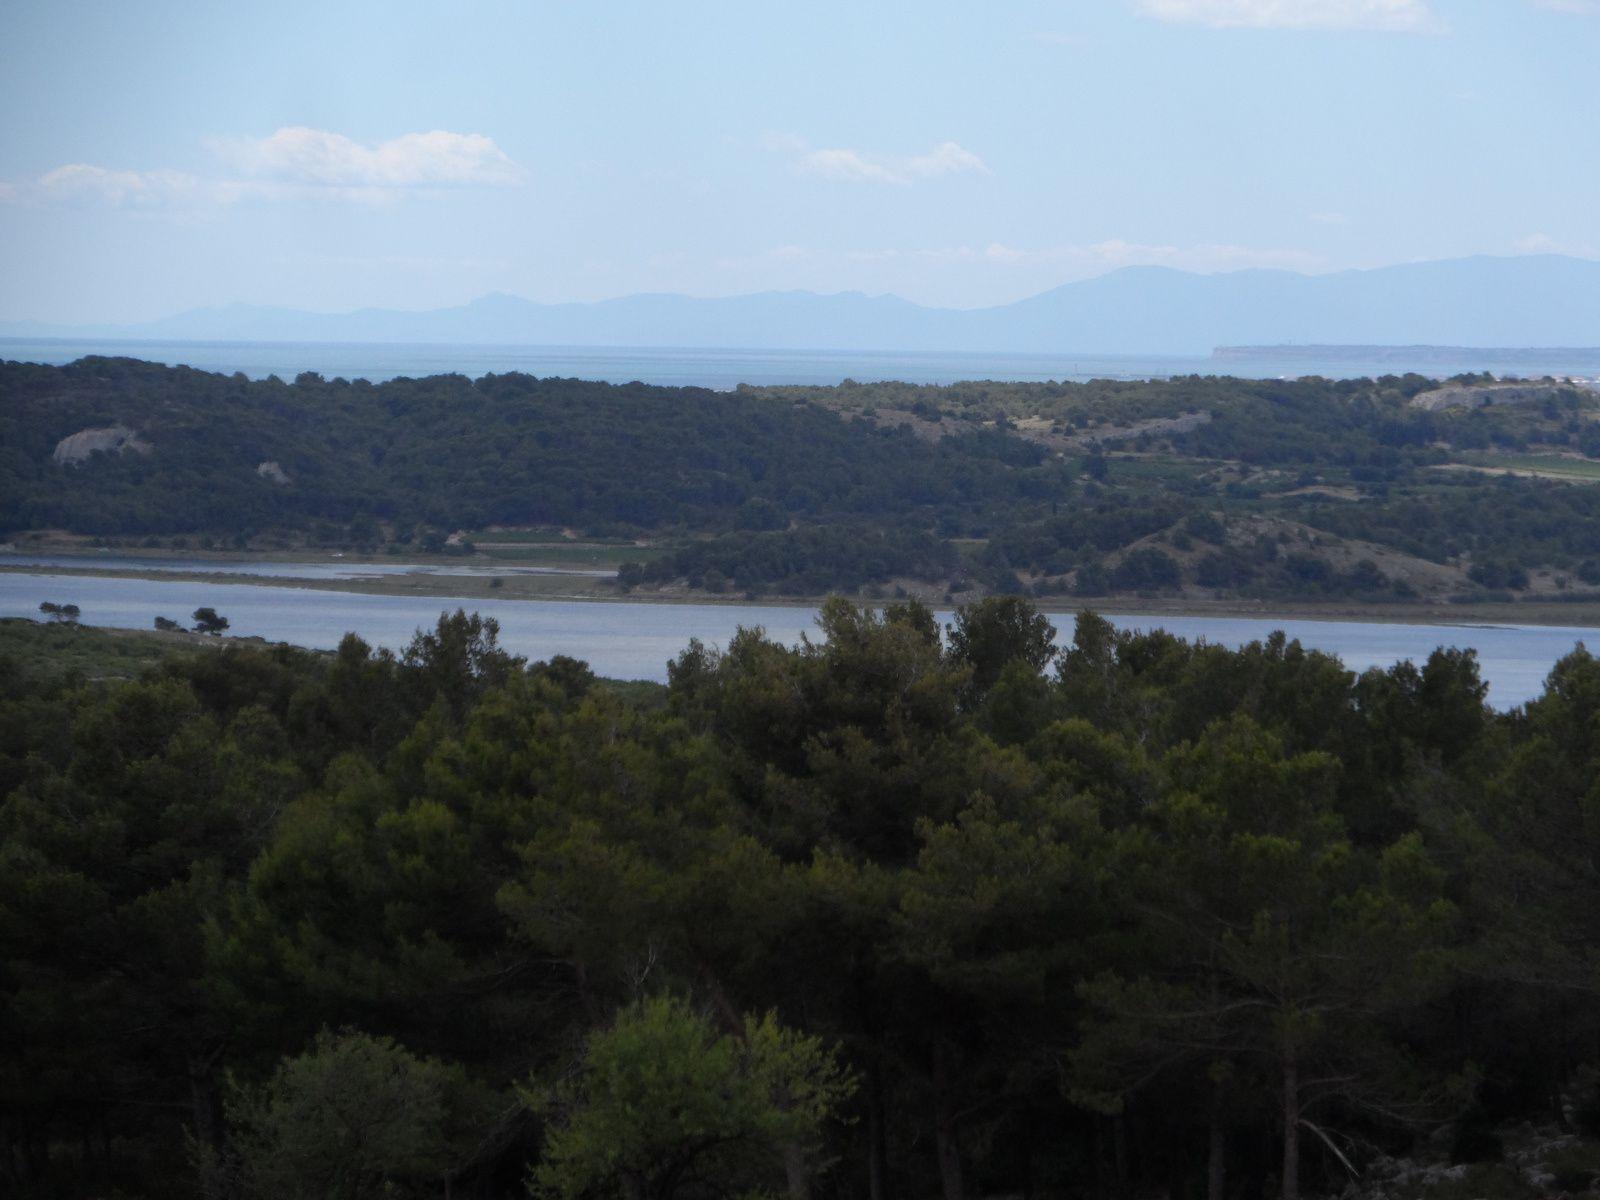 Nous partons rouler dans le massif de la Clape depuis Narbonne plage.